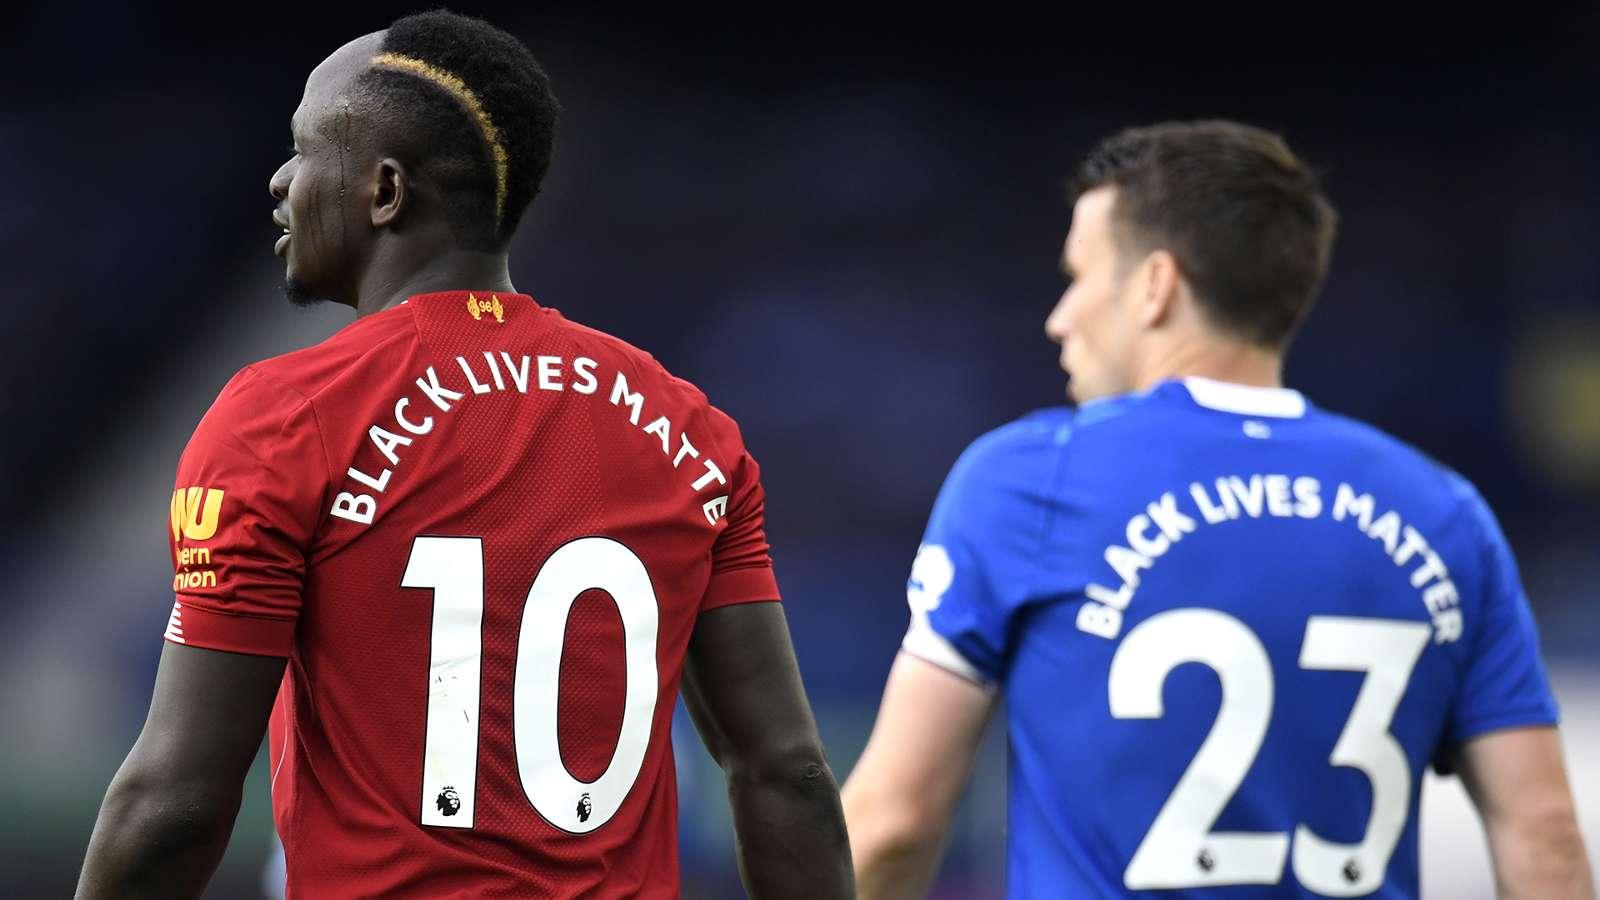 Sadio Mane Liverpool Seamus Coleman Everton 2019-20 Black Lives Matter